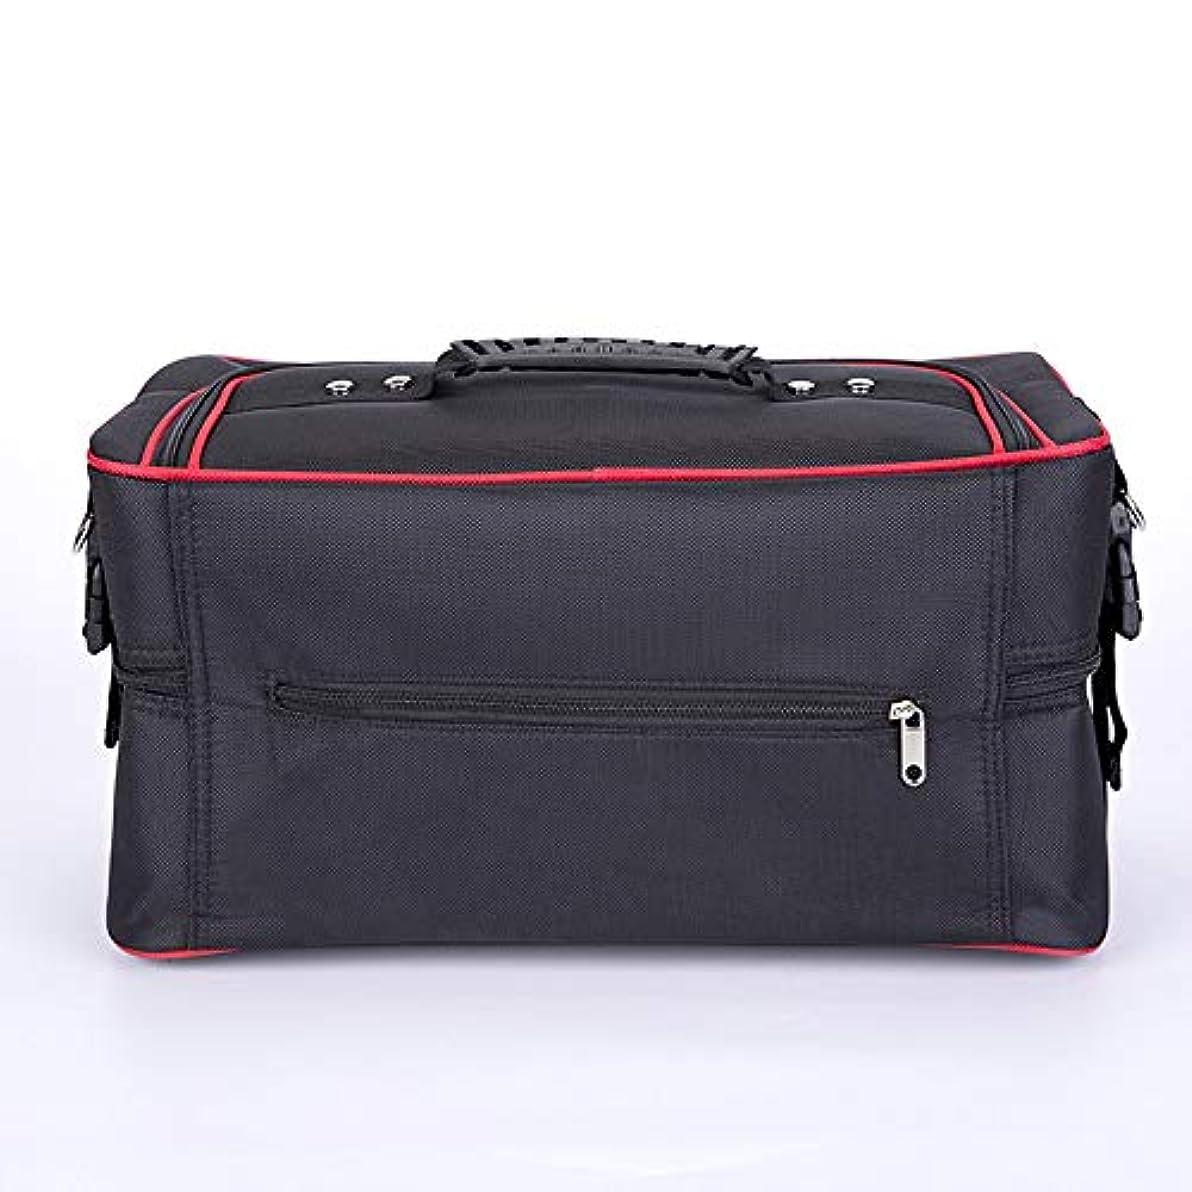 プランターリクルートマント化粧オーガナイザーバッグ ジッパーで旅行と毎日のストレージのための美容メイクアップのポータブルカジュアルメイク化粧品収納ケース 化粧品ケース